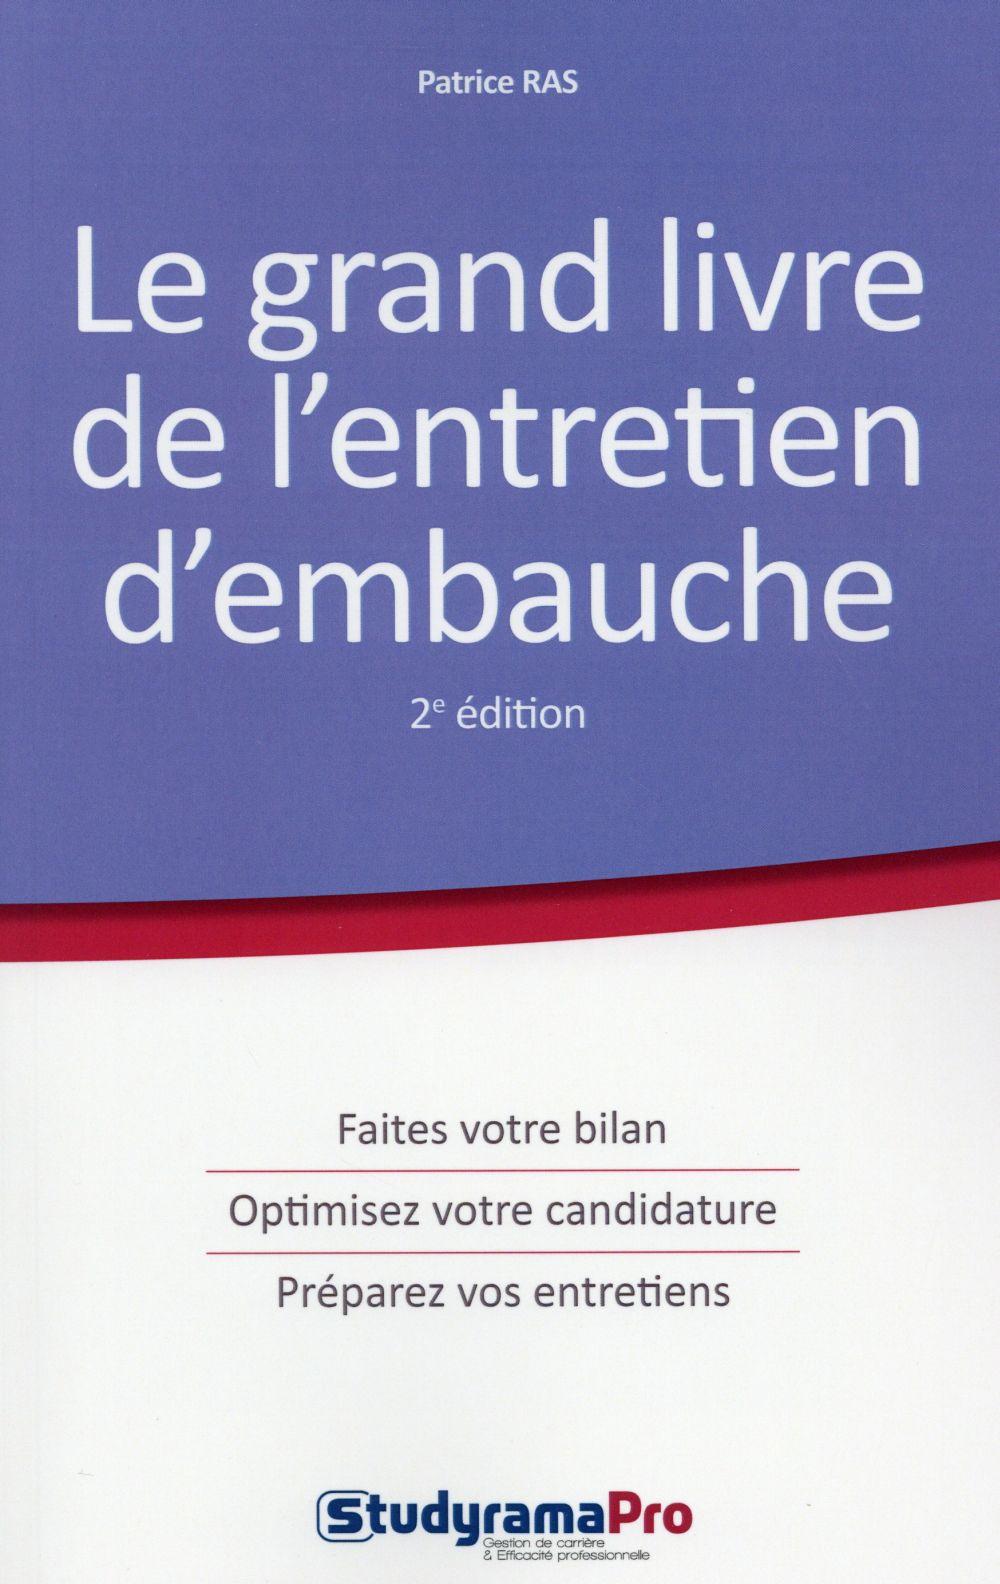 GRAND LIVRE DE L'ENTRETIEN D'EMBAUCHE 2EME EDITION(LE)